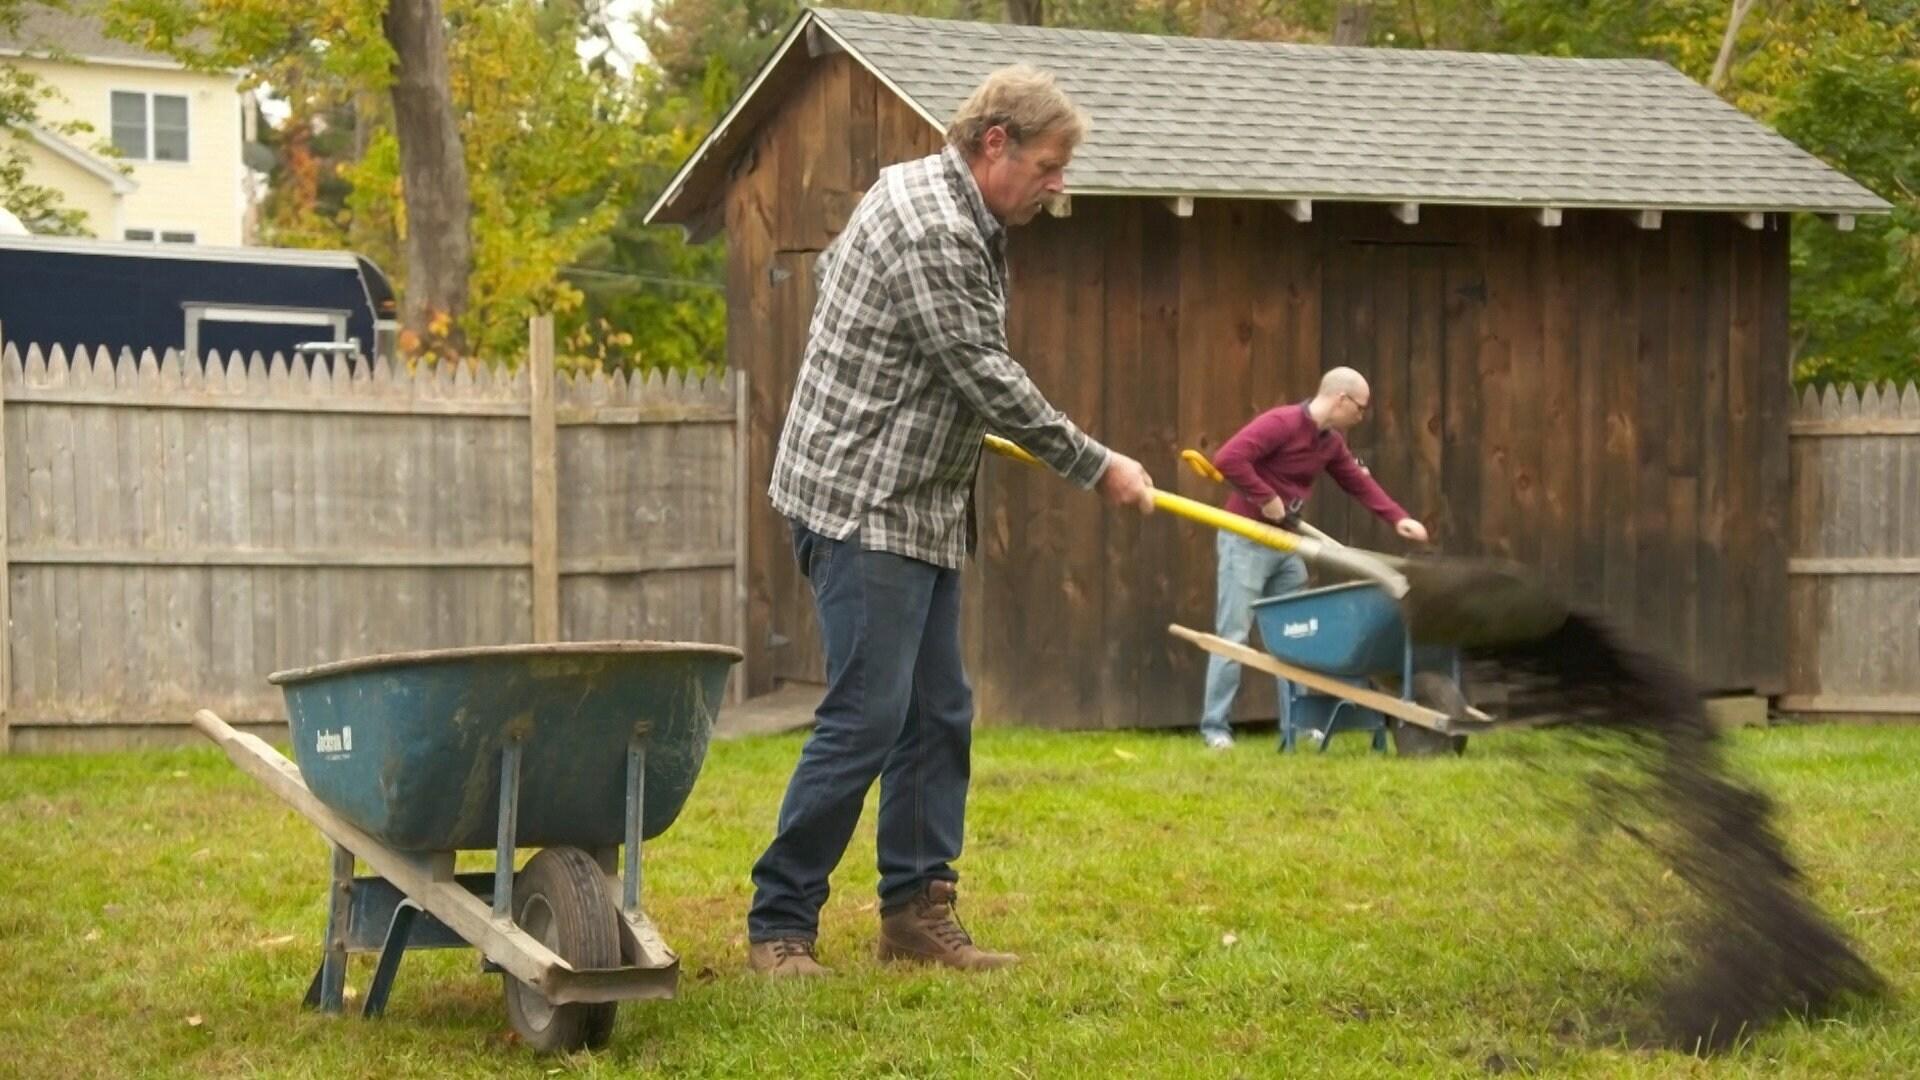 Lawn Care; Futuristic Workshop